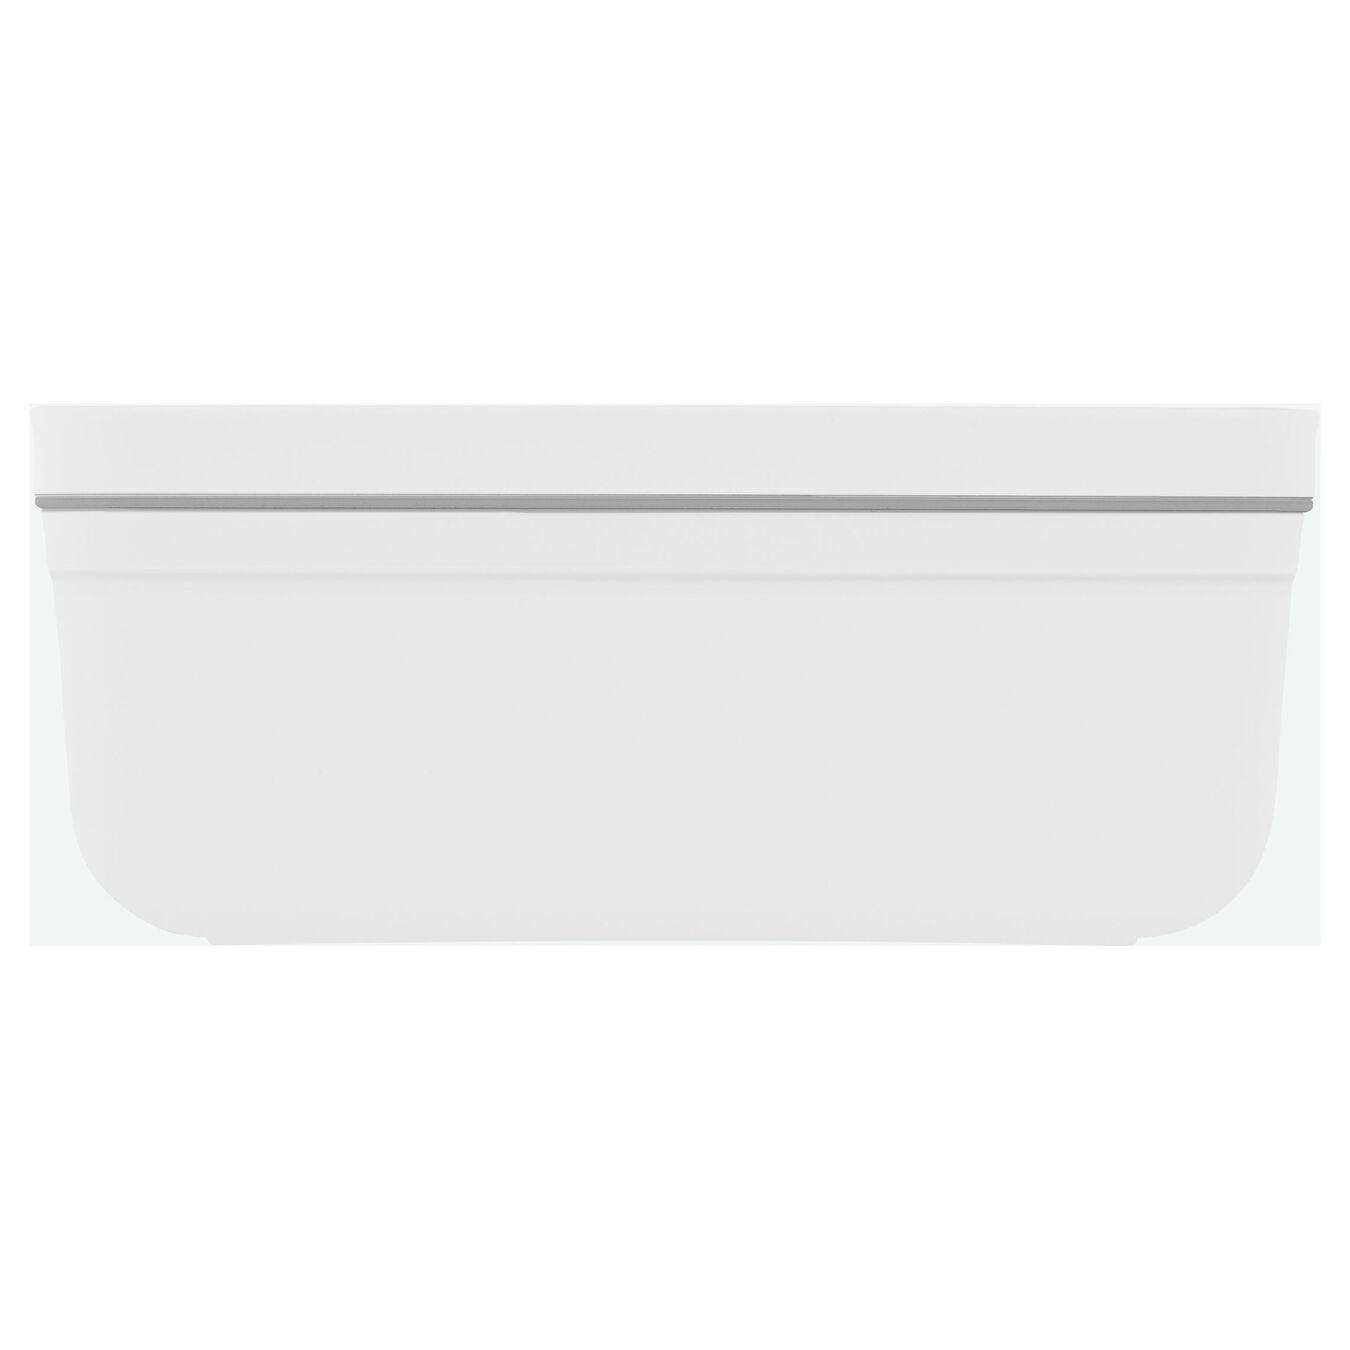 Vakumlu Yemek Kabı, M, Plastik, Beyaz,,large 2